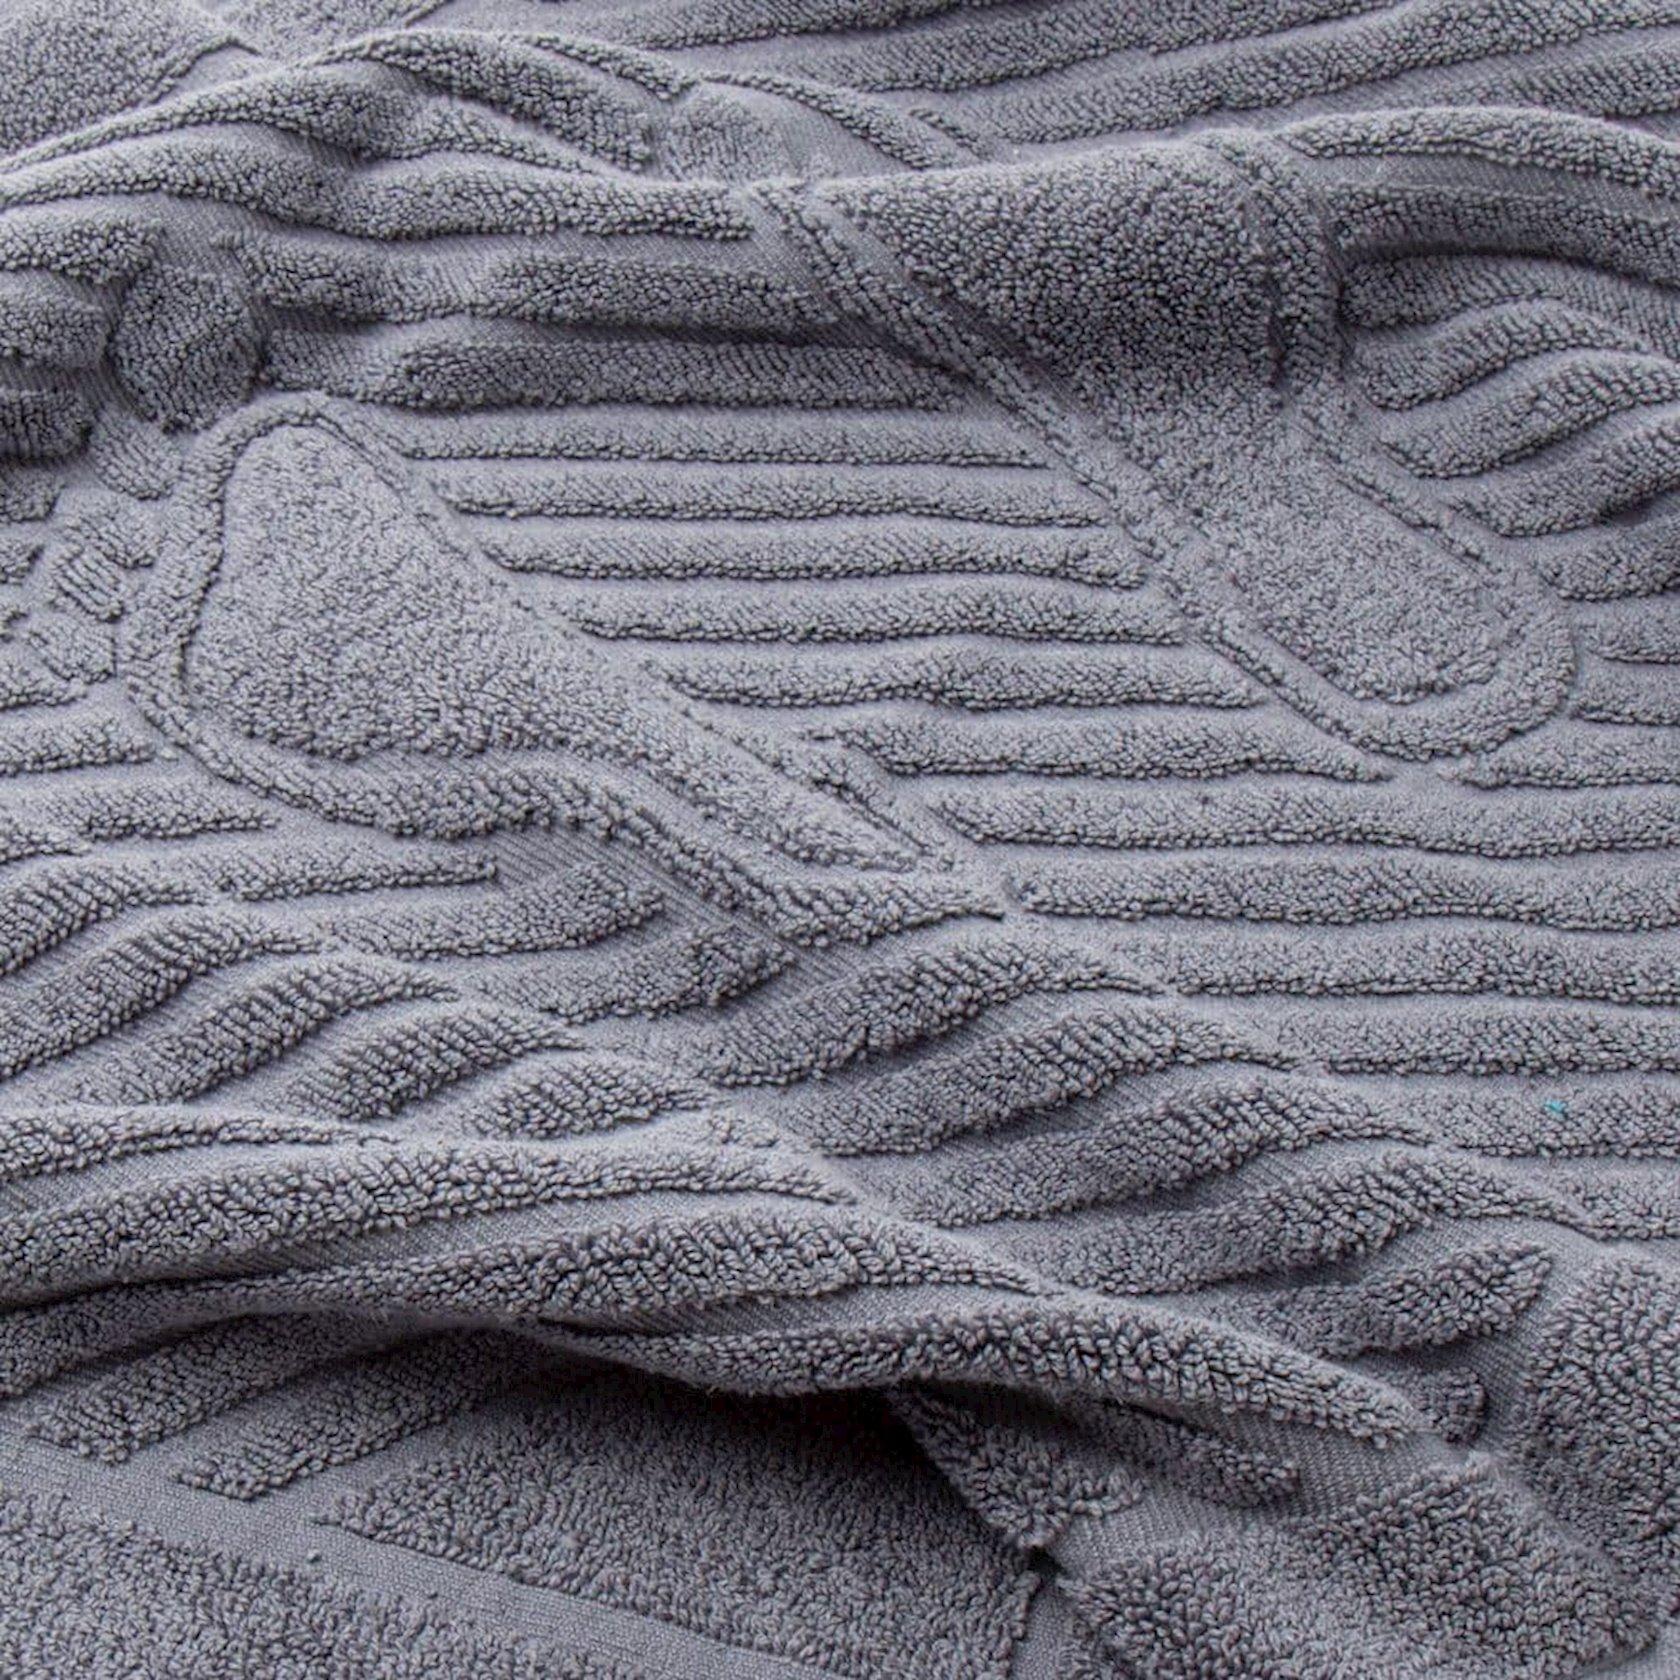 Ayaq dəsmalı ADT Orta boz 50x70, sıxlıq 700 qr/m²